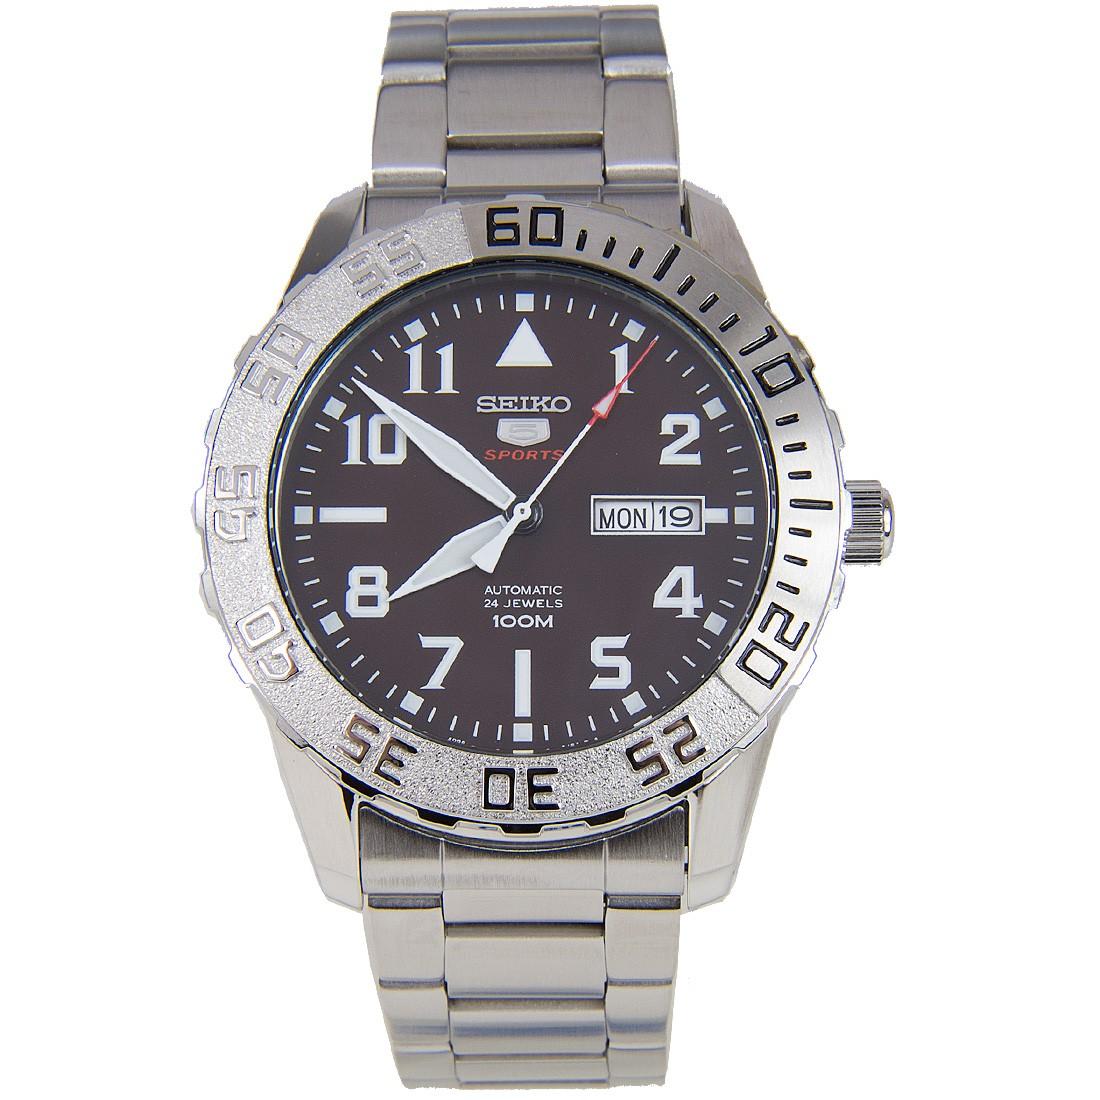 นาฬิกาผู้ชาย SEIKO Sports รุ่น SRP753K1 Automatic Man's Watch